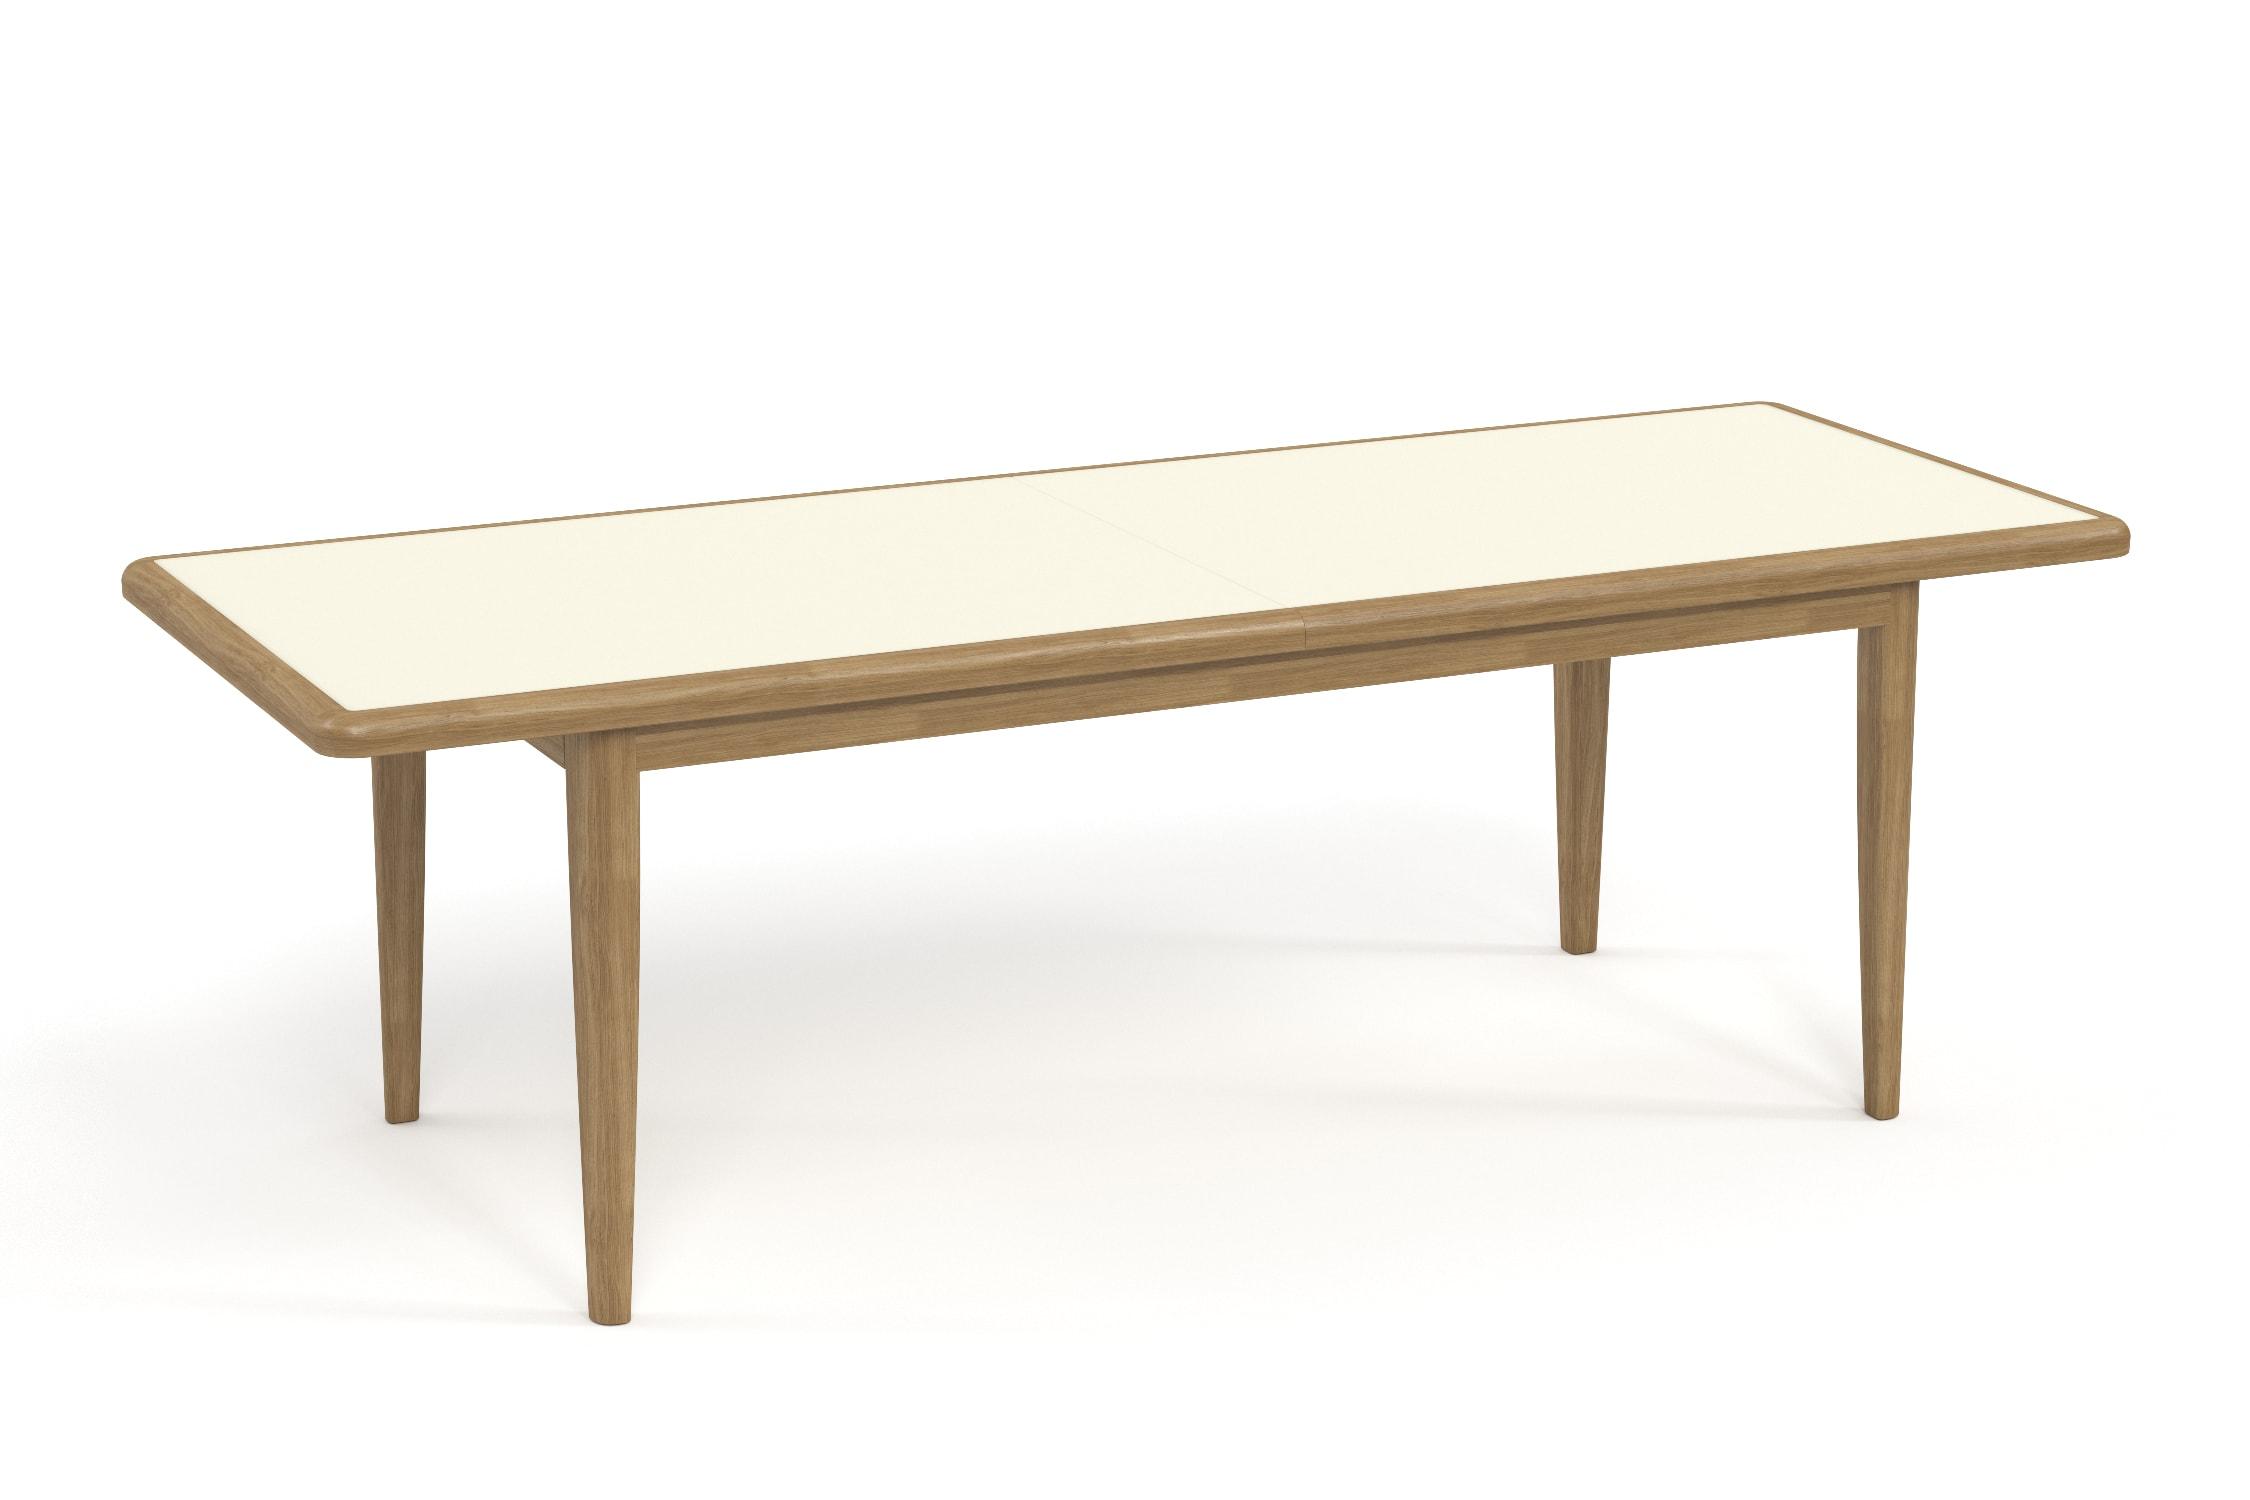 Стол обеденный SeagullСтолы и столики для сада<br>&amp;lt;div&amp;gt;Коллекция SEAGULL – воплощение природной простоты и естественного совершенства. Мебель привлекает тёплыми тонами, уникальностью материала и идеальными пропорциями. Стеклянные столешницы обеденных и журнальных столов по цвету гармонируют с тканью подушек, удобные диваны и «утопающие» кресла дарят ощущения спокойствия и комфорта.&amp;amp;nbsp;&amp;lt;/div&amp;gt;&amp;lt;div&amp;gt;&amp;lt;br&amp;gt;&amp;lt;/div&amp;gt;&amp;lt;div&amp;gt;Ироко – экзотическая золотисто-коричневатая/оливково-коричневая древесина с золотистым оттенком. Цвет ироко практически не меняется со временем, немного темнеет и приобретает теплый маслянистый оттенок. По физическим свойствам не уступает тику. Древесина африканского тика не подвержена гниению и воздействию термитов, не требует дополнительной антибактериальной обработки. Мебель из ироко допускает круглогодичную эксплуатацию на открытом воздухе, выдерживает перепады температур от –30 до +30С. Срок службы более 20 лет.&amp;amp;nbsp;&amp;lt;/div&amp;gt;&amp;lt;div&amp;gt;&amp;lt;br&amp;gt;&amp;lt;/div&amp;gt;&amp;lt;div&amp;gt;Вся фурнитура изготовлена из нержавеющей стали на собственном производстве.&amp;lt;/div&amp;gt;&amp;lt;div&amp;gt;&amp;lt;br&amp;gt;&amp;lt;/div&amp;gt;<br><br>&amp;lt;iframe width=&amp;quot;530&amp;quot; height=&amp;quot;300&amp;quot; src=&amp;quot;https://www.youtube.com/embed/uL9Kujh07kc&amp;quot; frameborder=&amp;quot;0&amp;quot; allowfullscreen=&amp;quot;&amp;quot;&amp;gt;&amp;lt;/iframe&amp;gt;<br><br>Material: Ироко<br>Ширина см: 90.0<br>Высота см: 77.0<br>Глубина см: 220.0